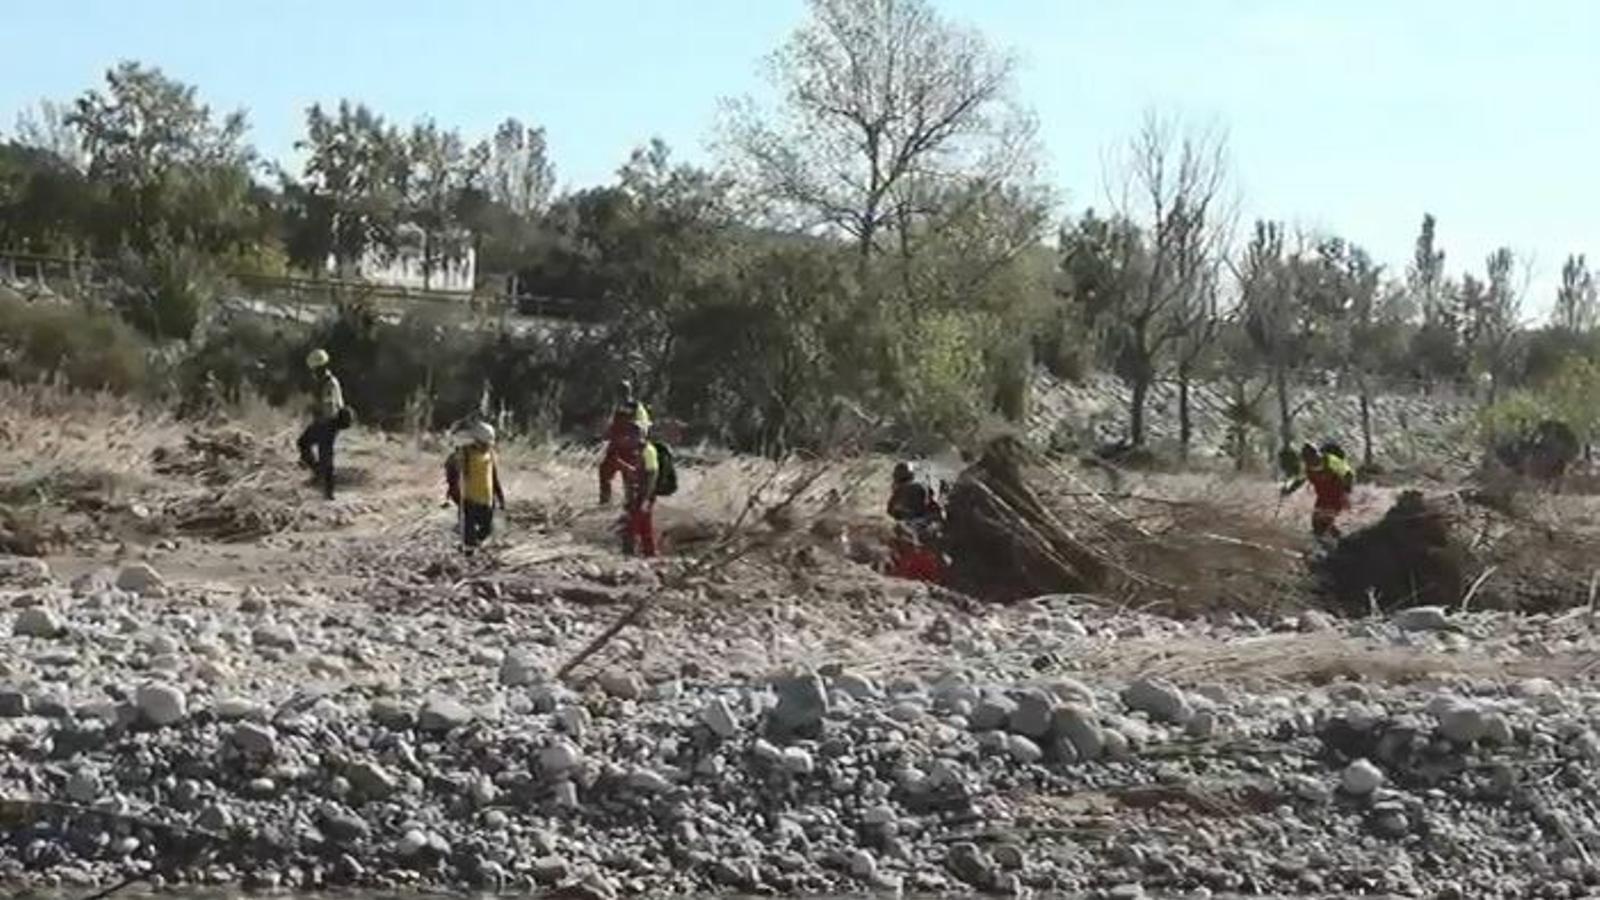 Així és la recerca que estan fent els Bombers per trobar els desapareguts a la Conca de Barberà arran del temporal de la setmana passada